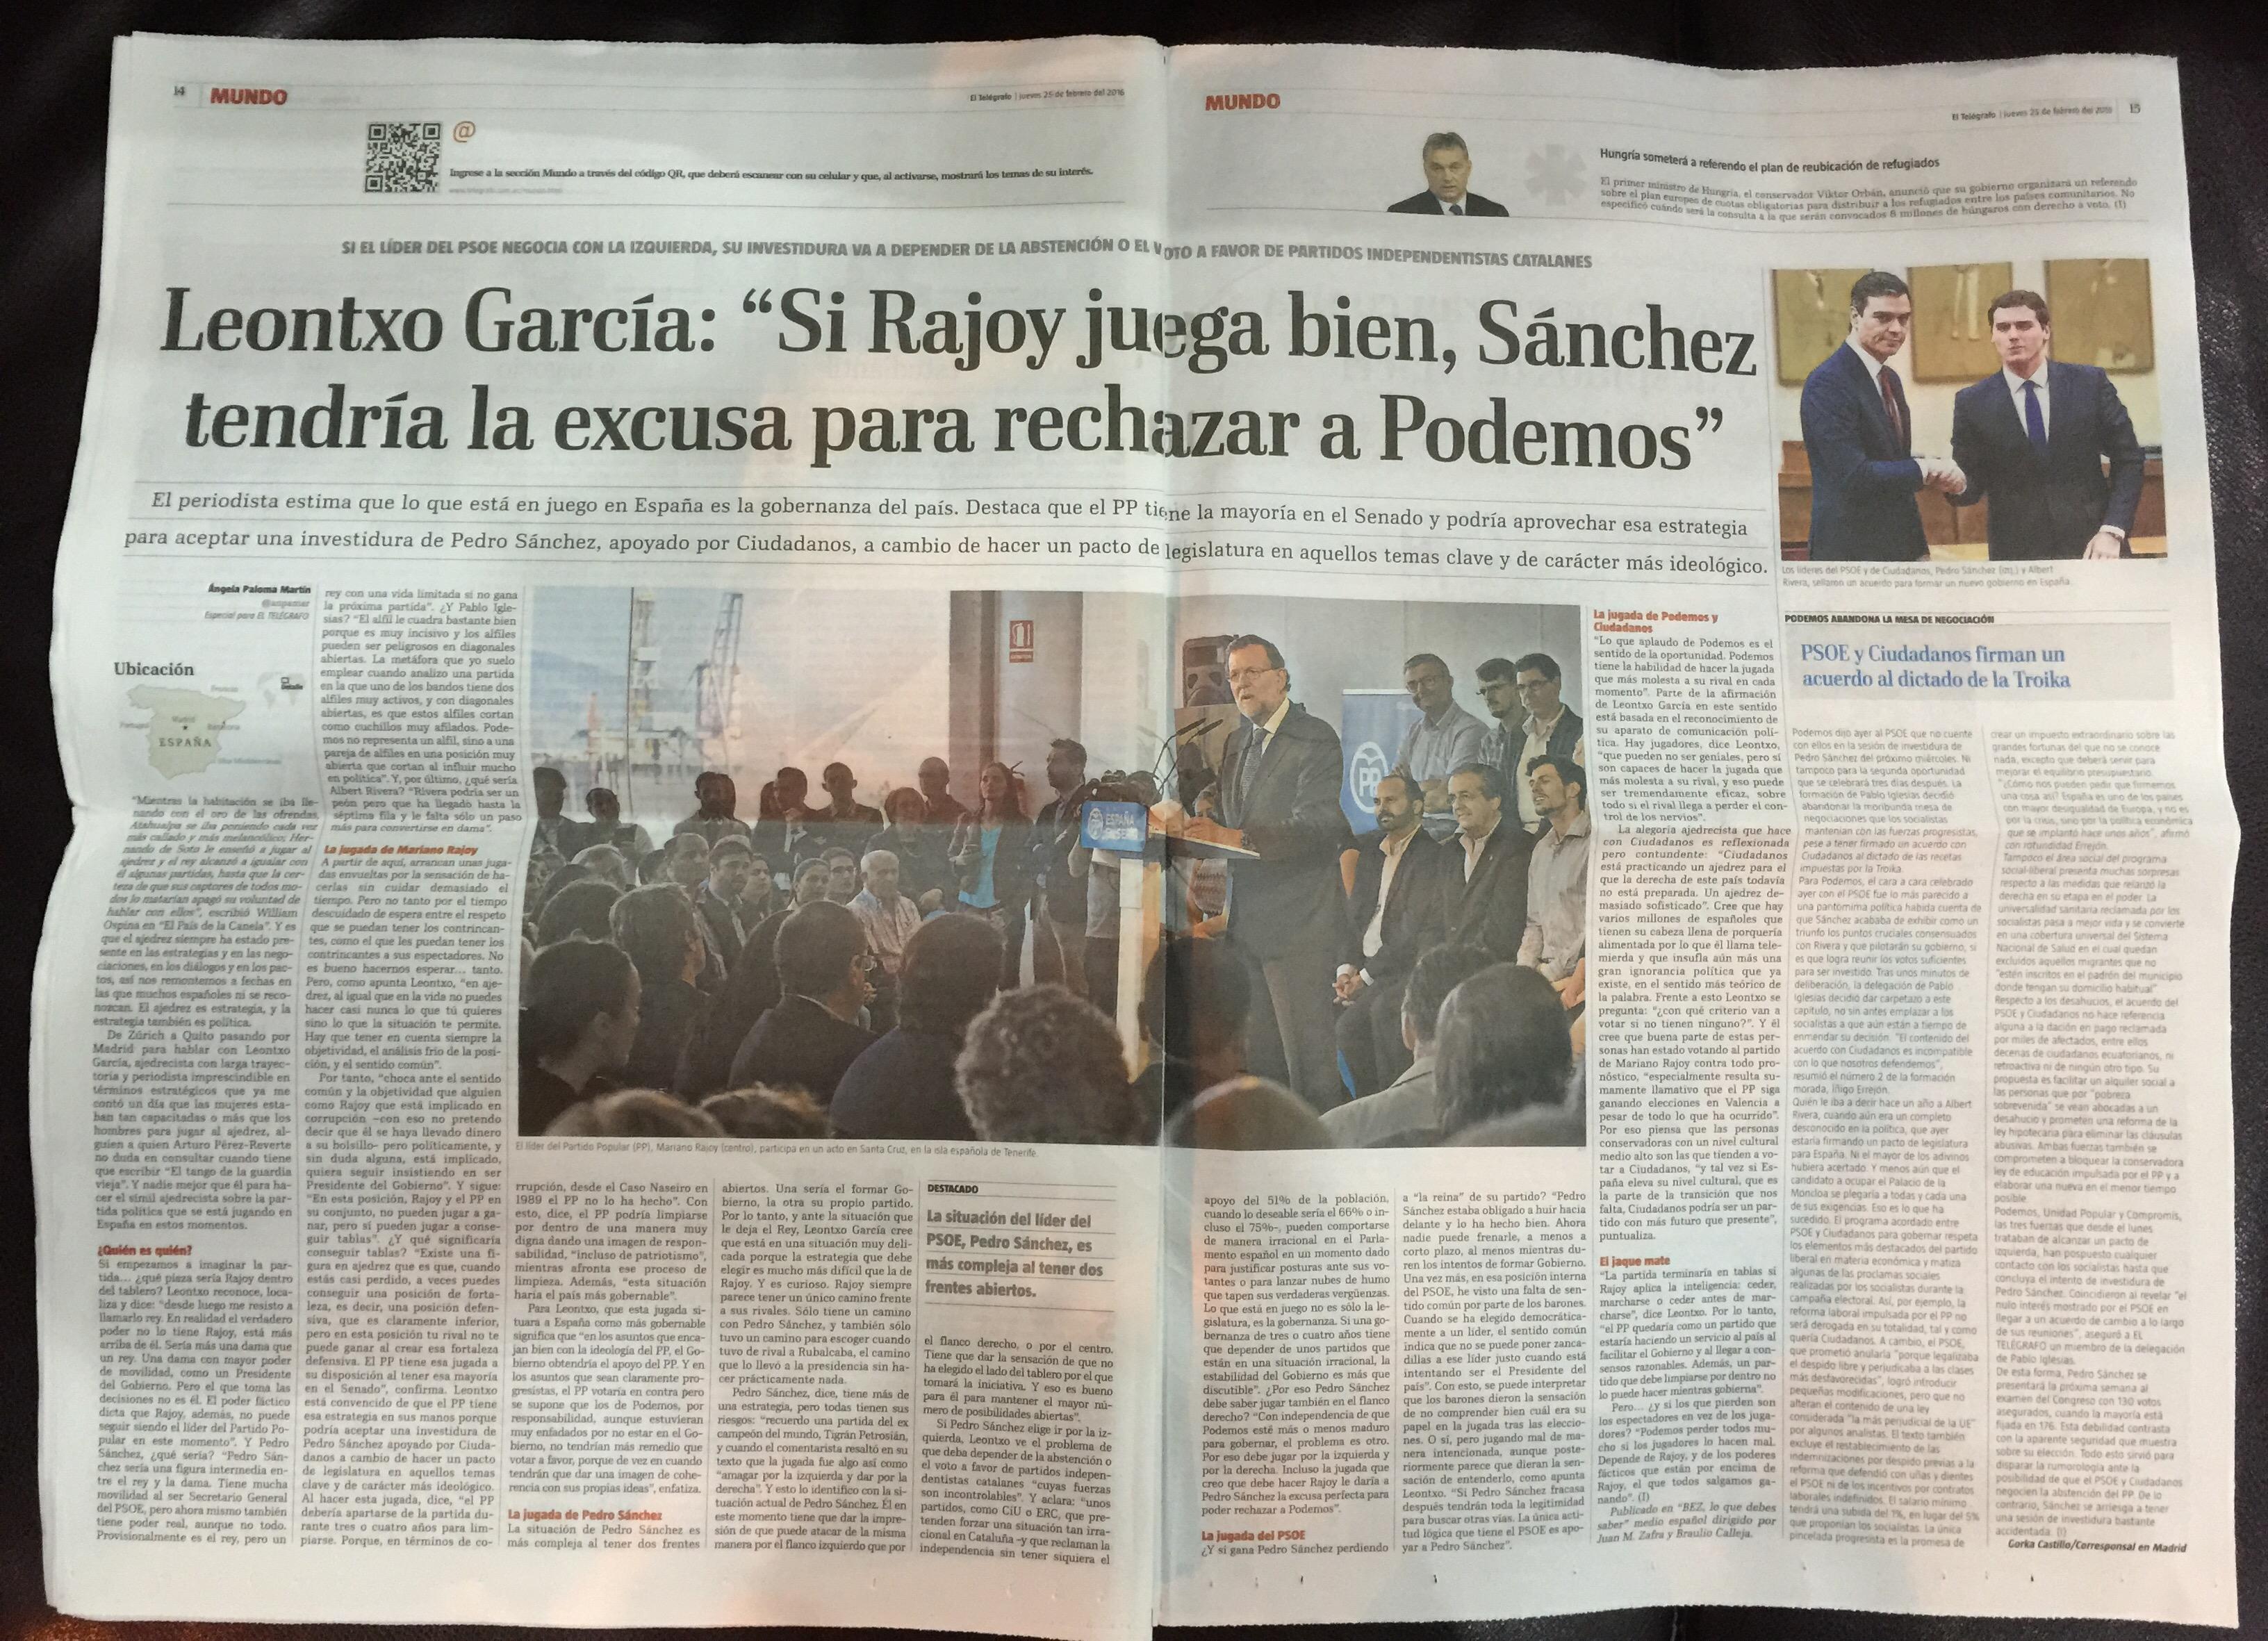 Entrevista a Leontxo García también publicada en El Telégrafo de Ecuador el 25 de febrero de 2016